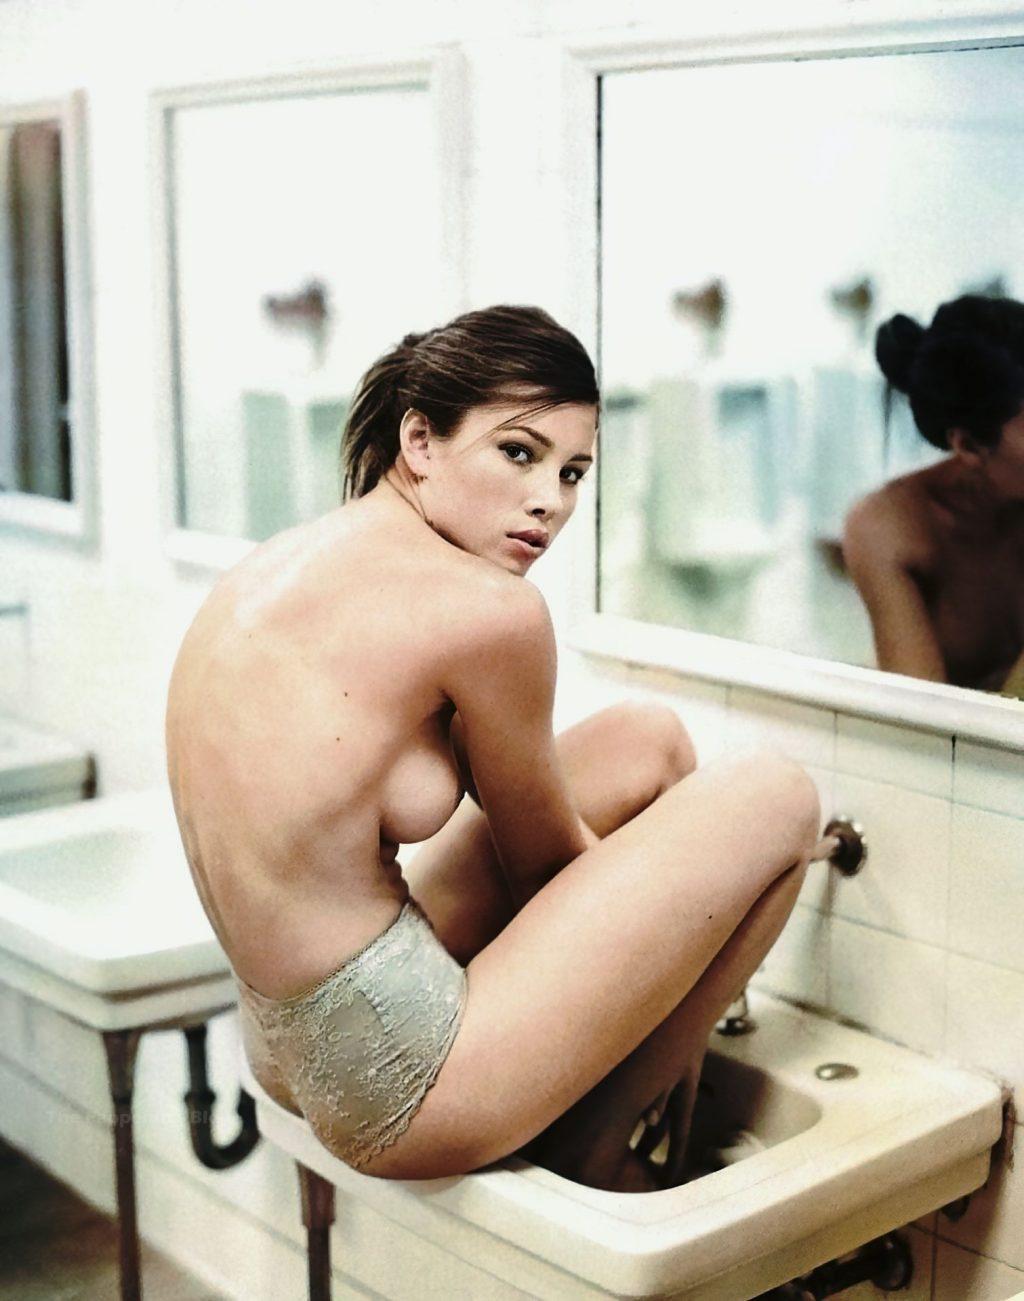 Jessica Biel Nude (4 Enhanced Photos)